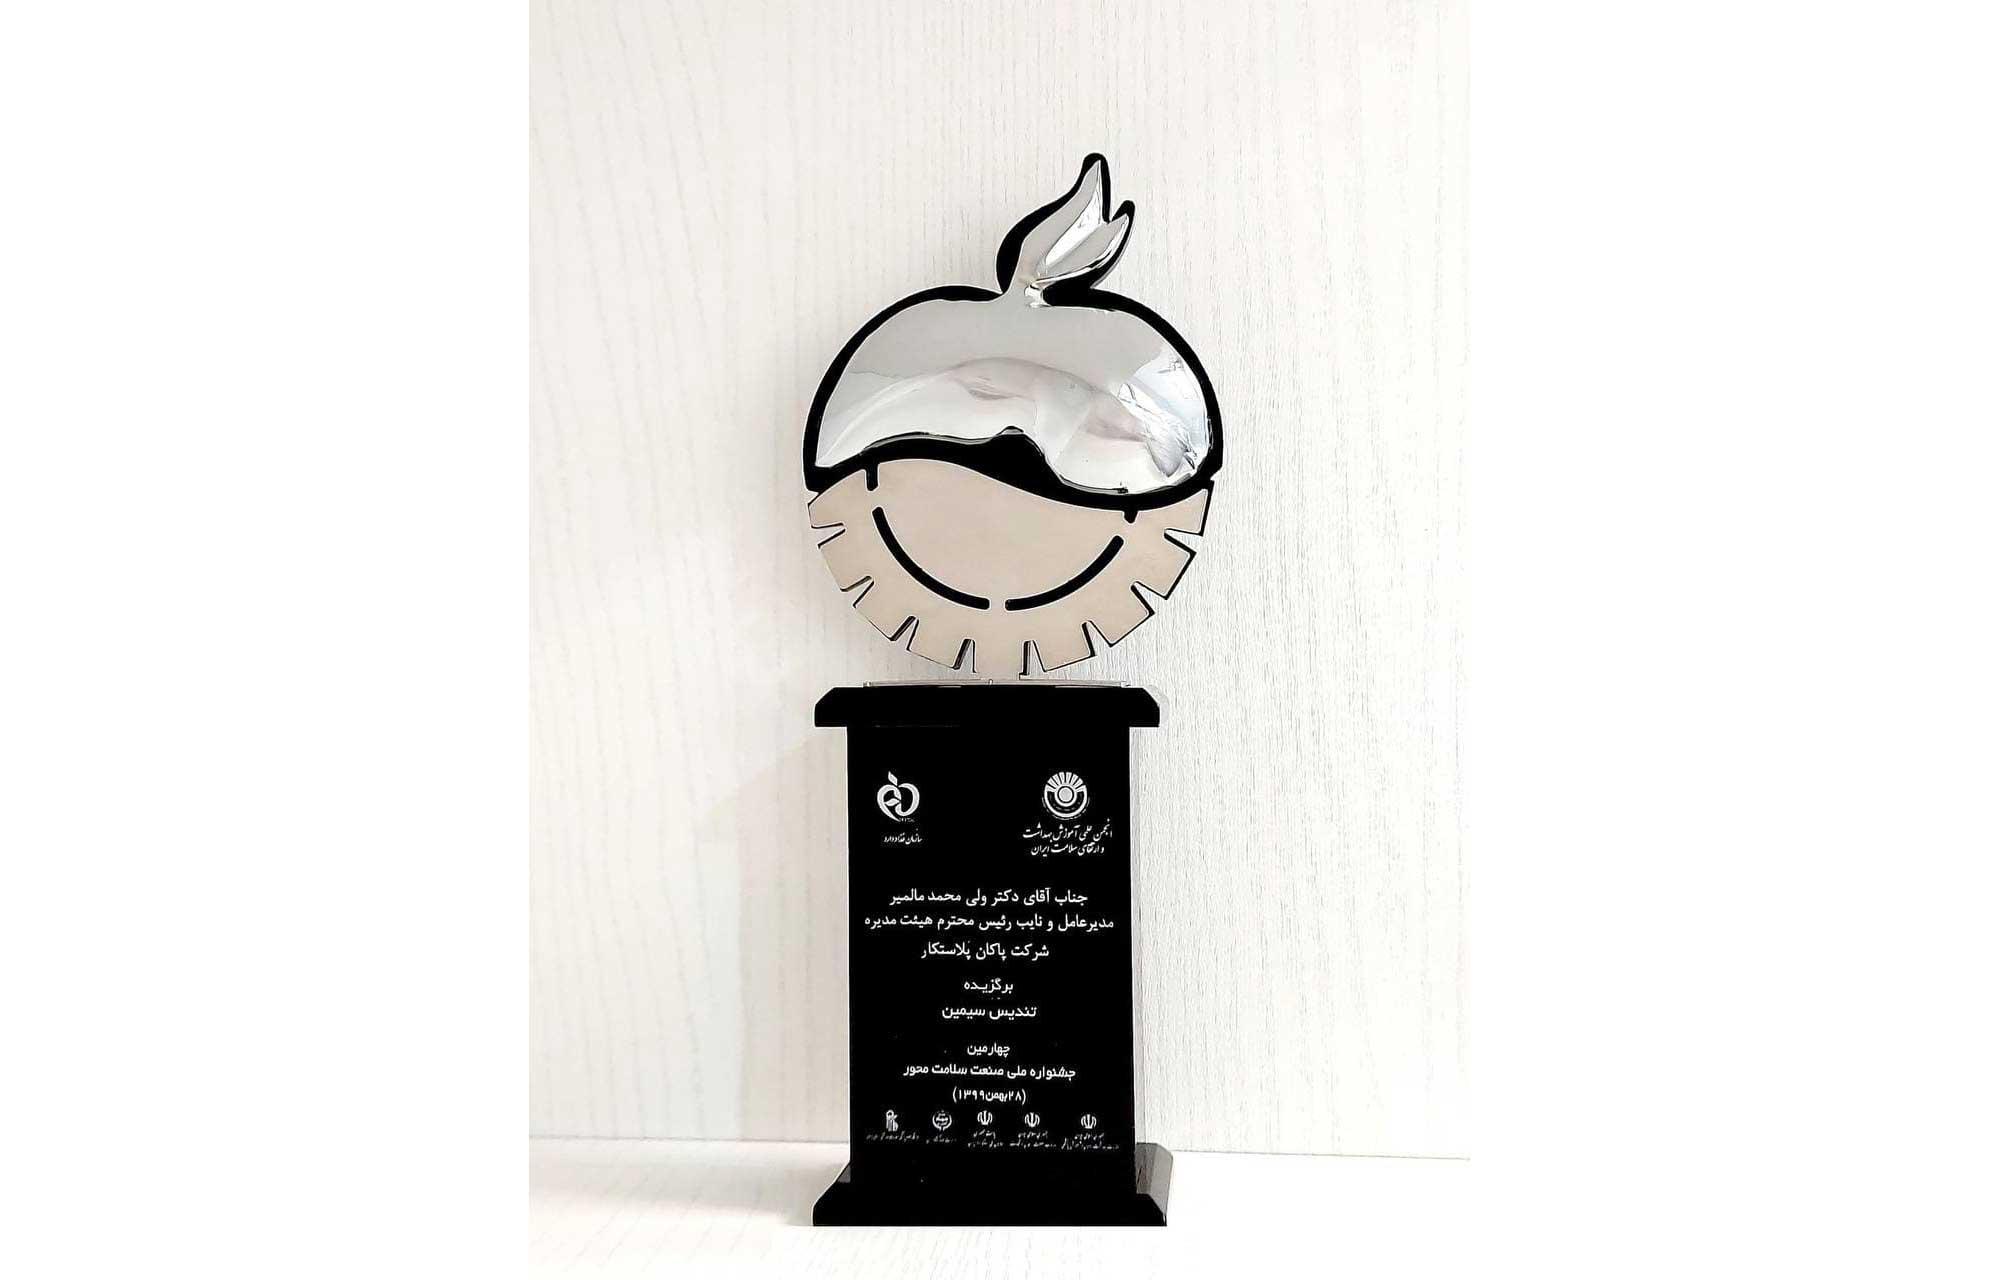 دریافت تندیس سیمین جشنواره صنعت سلامت محور توسط شرکت پاکان پلاستکار